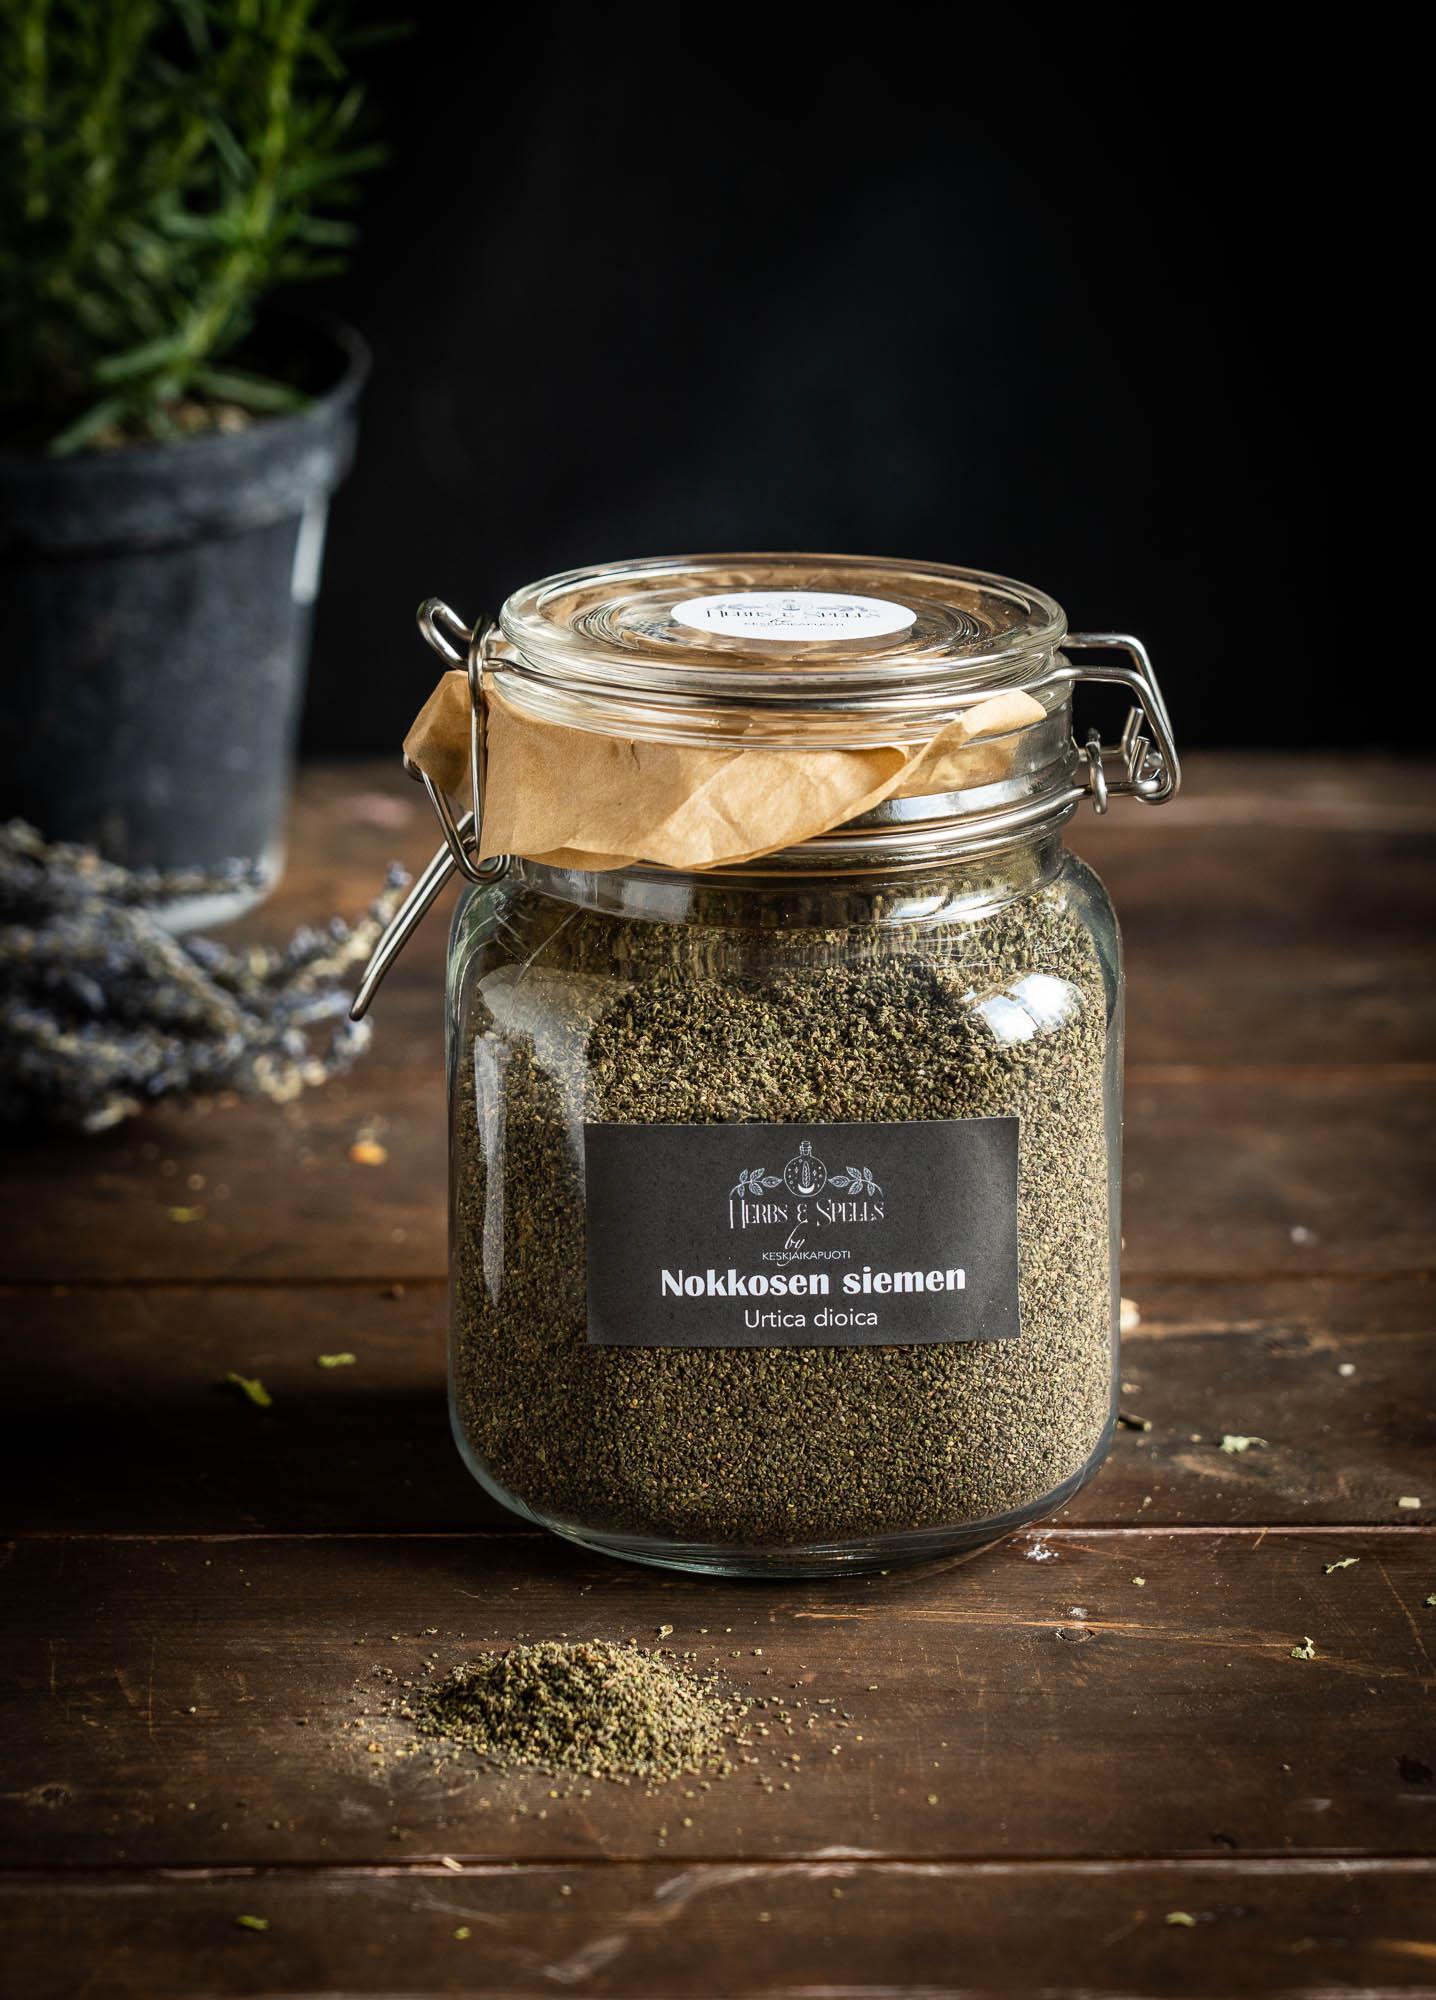 Nokkosen siemen - Urtica dioica (Herbs&Spell by keskiaikapuoti)